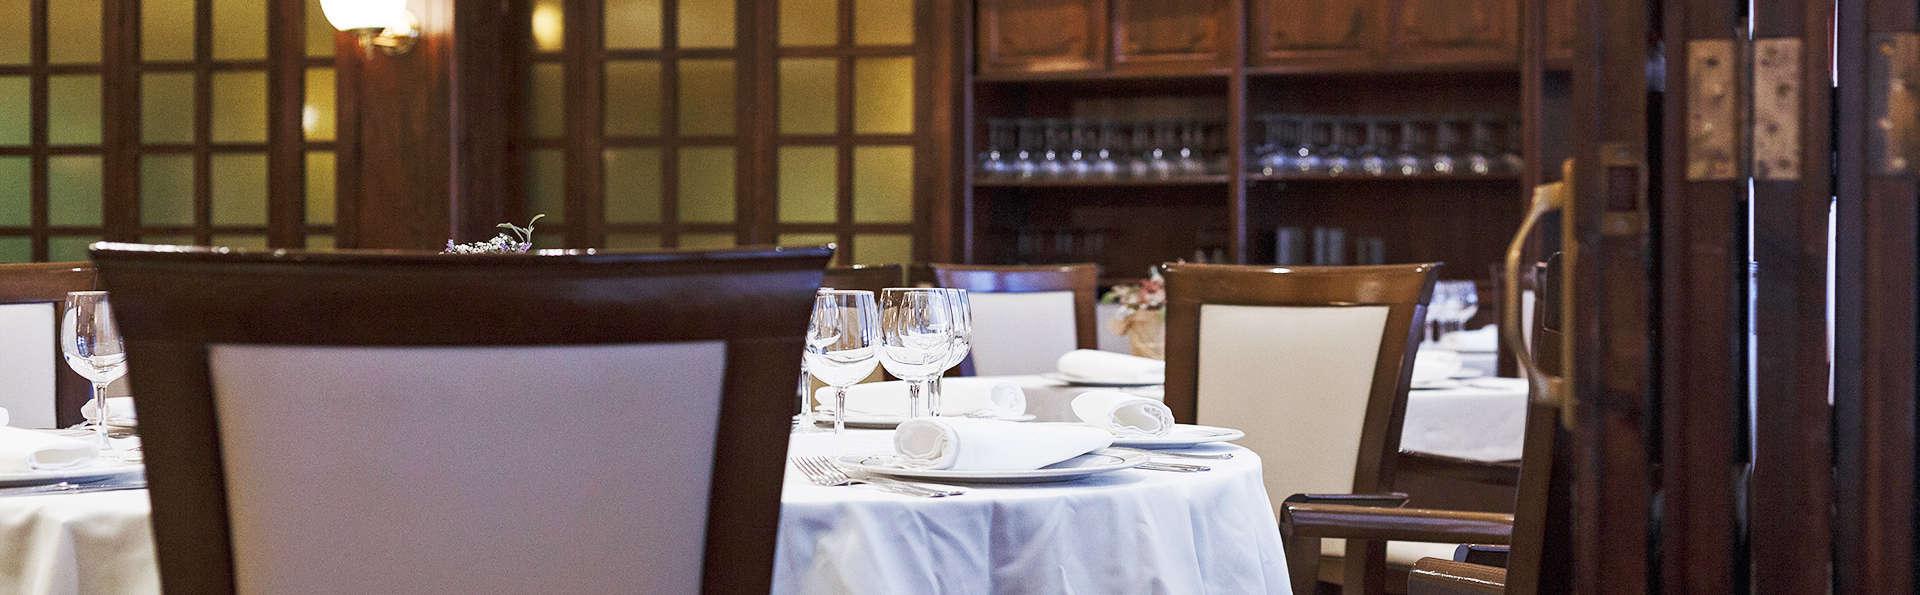 Hotel Restaurante Emilio - EDIT_5_RESTAURANTE.jpg